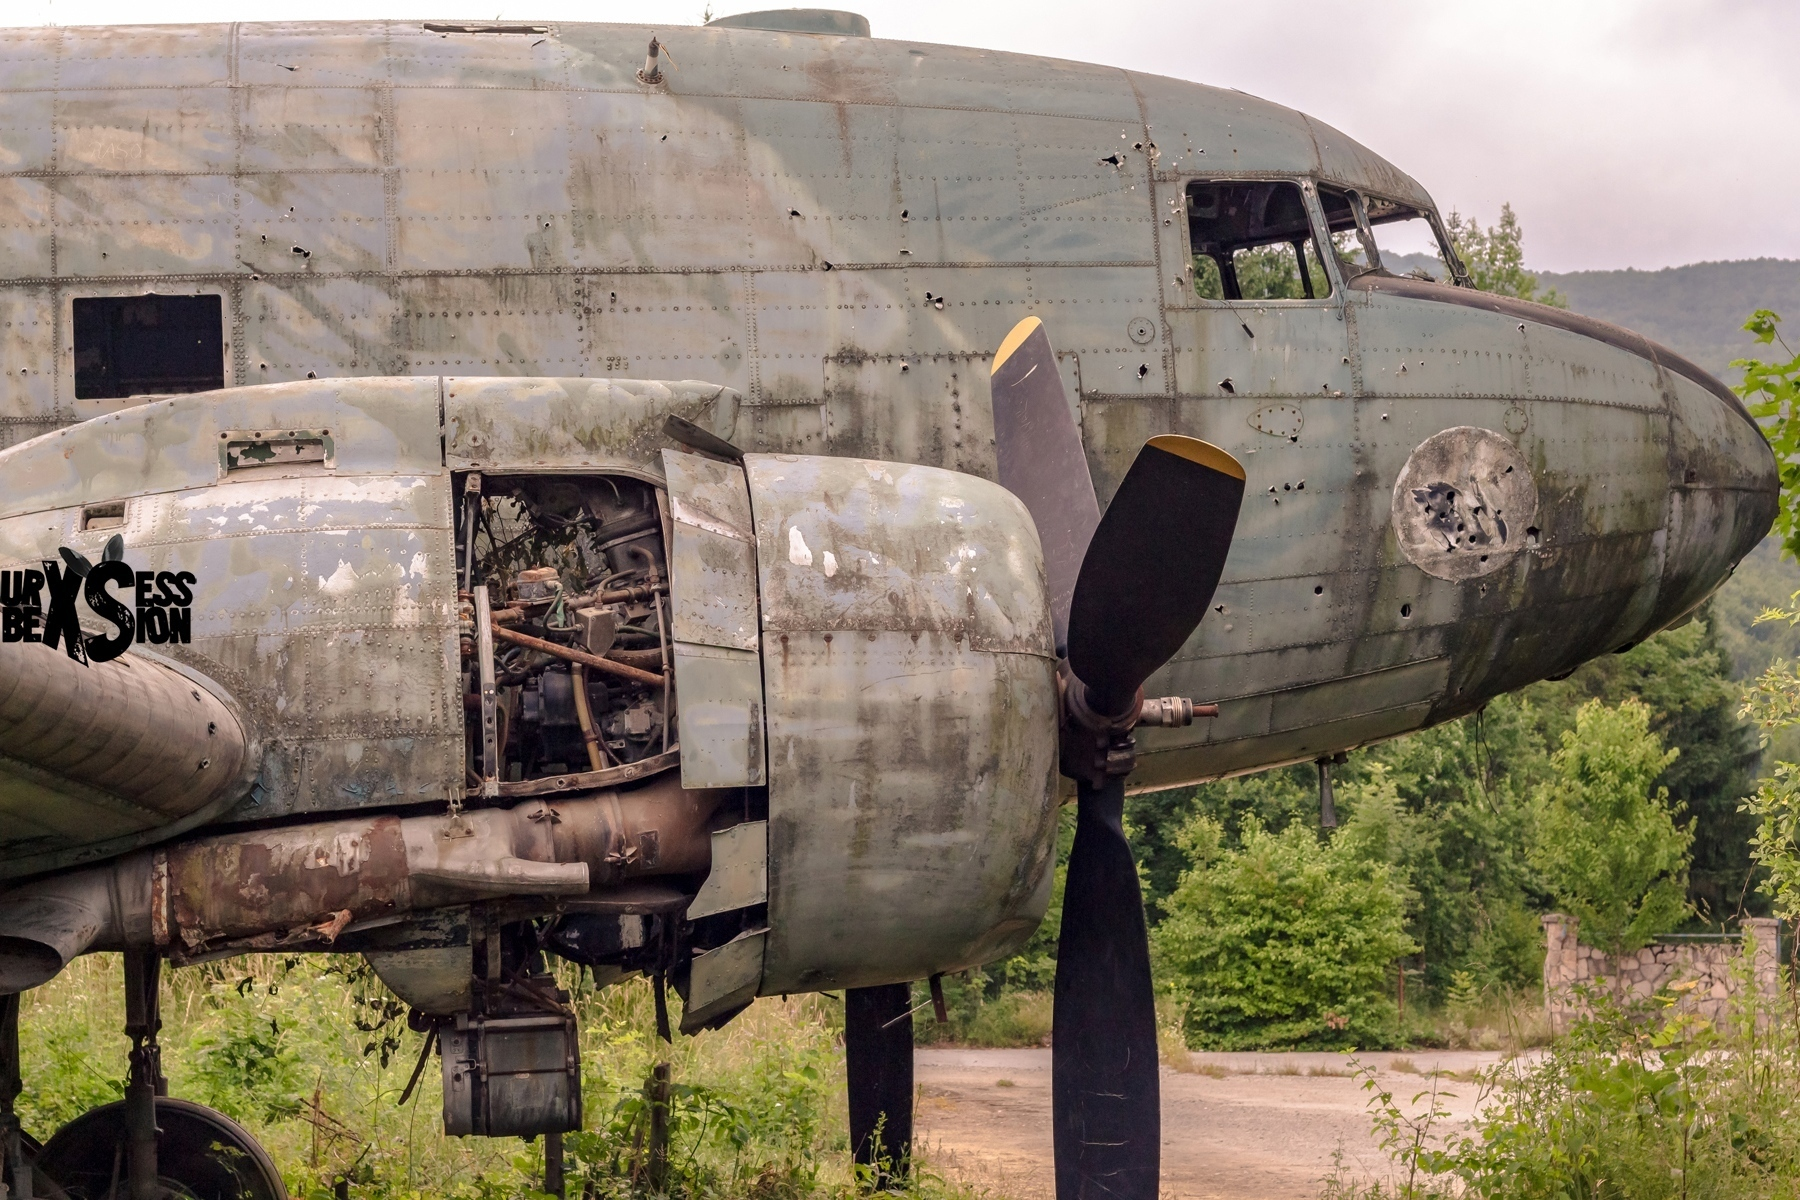 Mission H0 – Cimetière d'avions - Croatie